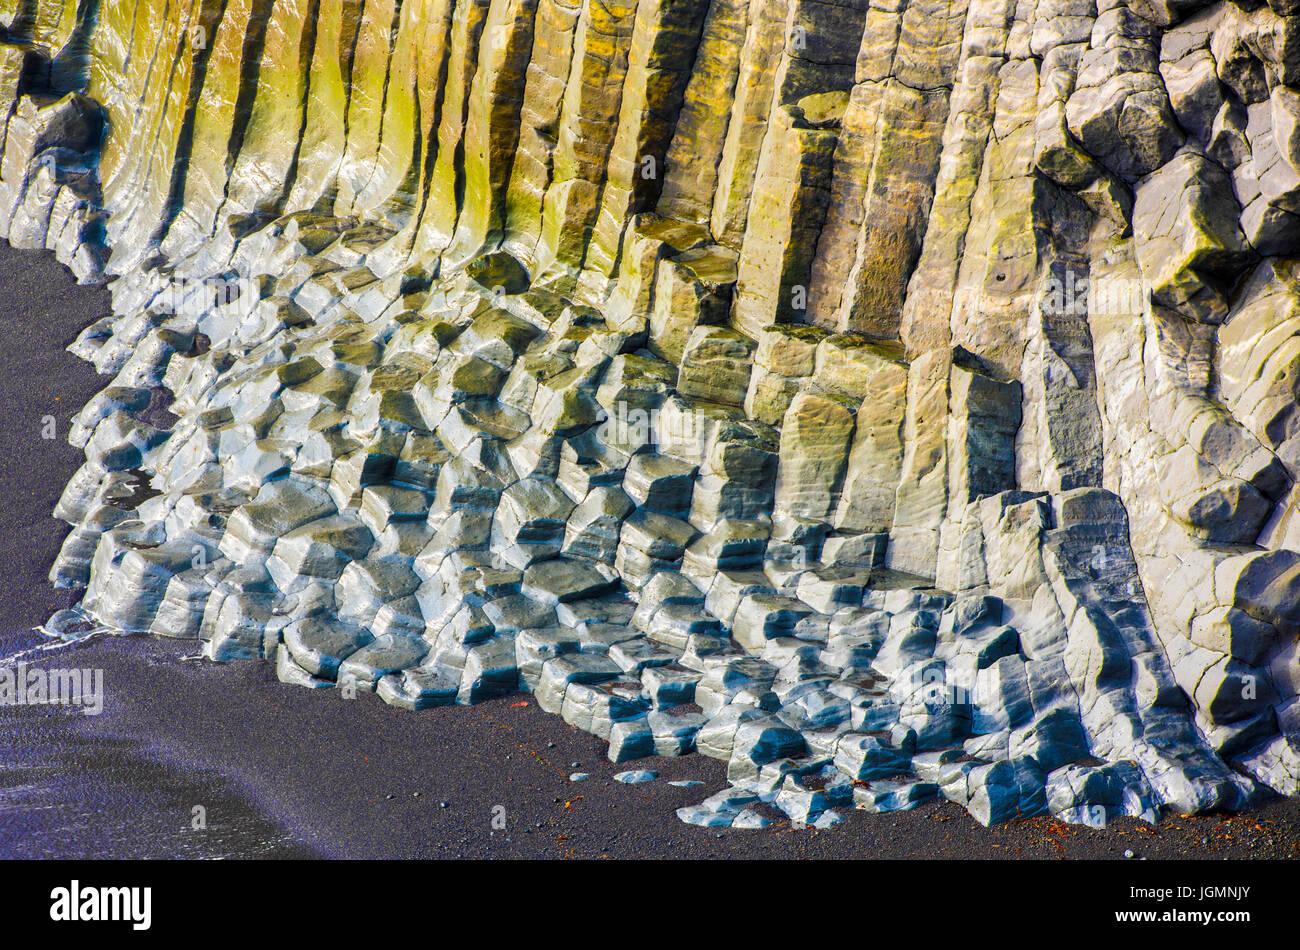 Grandes rocas basálticas con musgo amarillo y azul en la playa Foto de stock